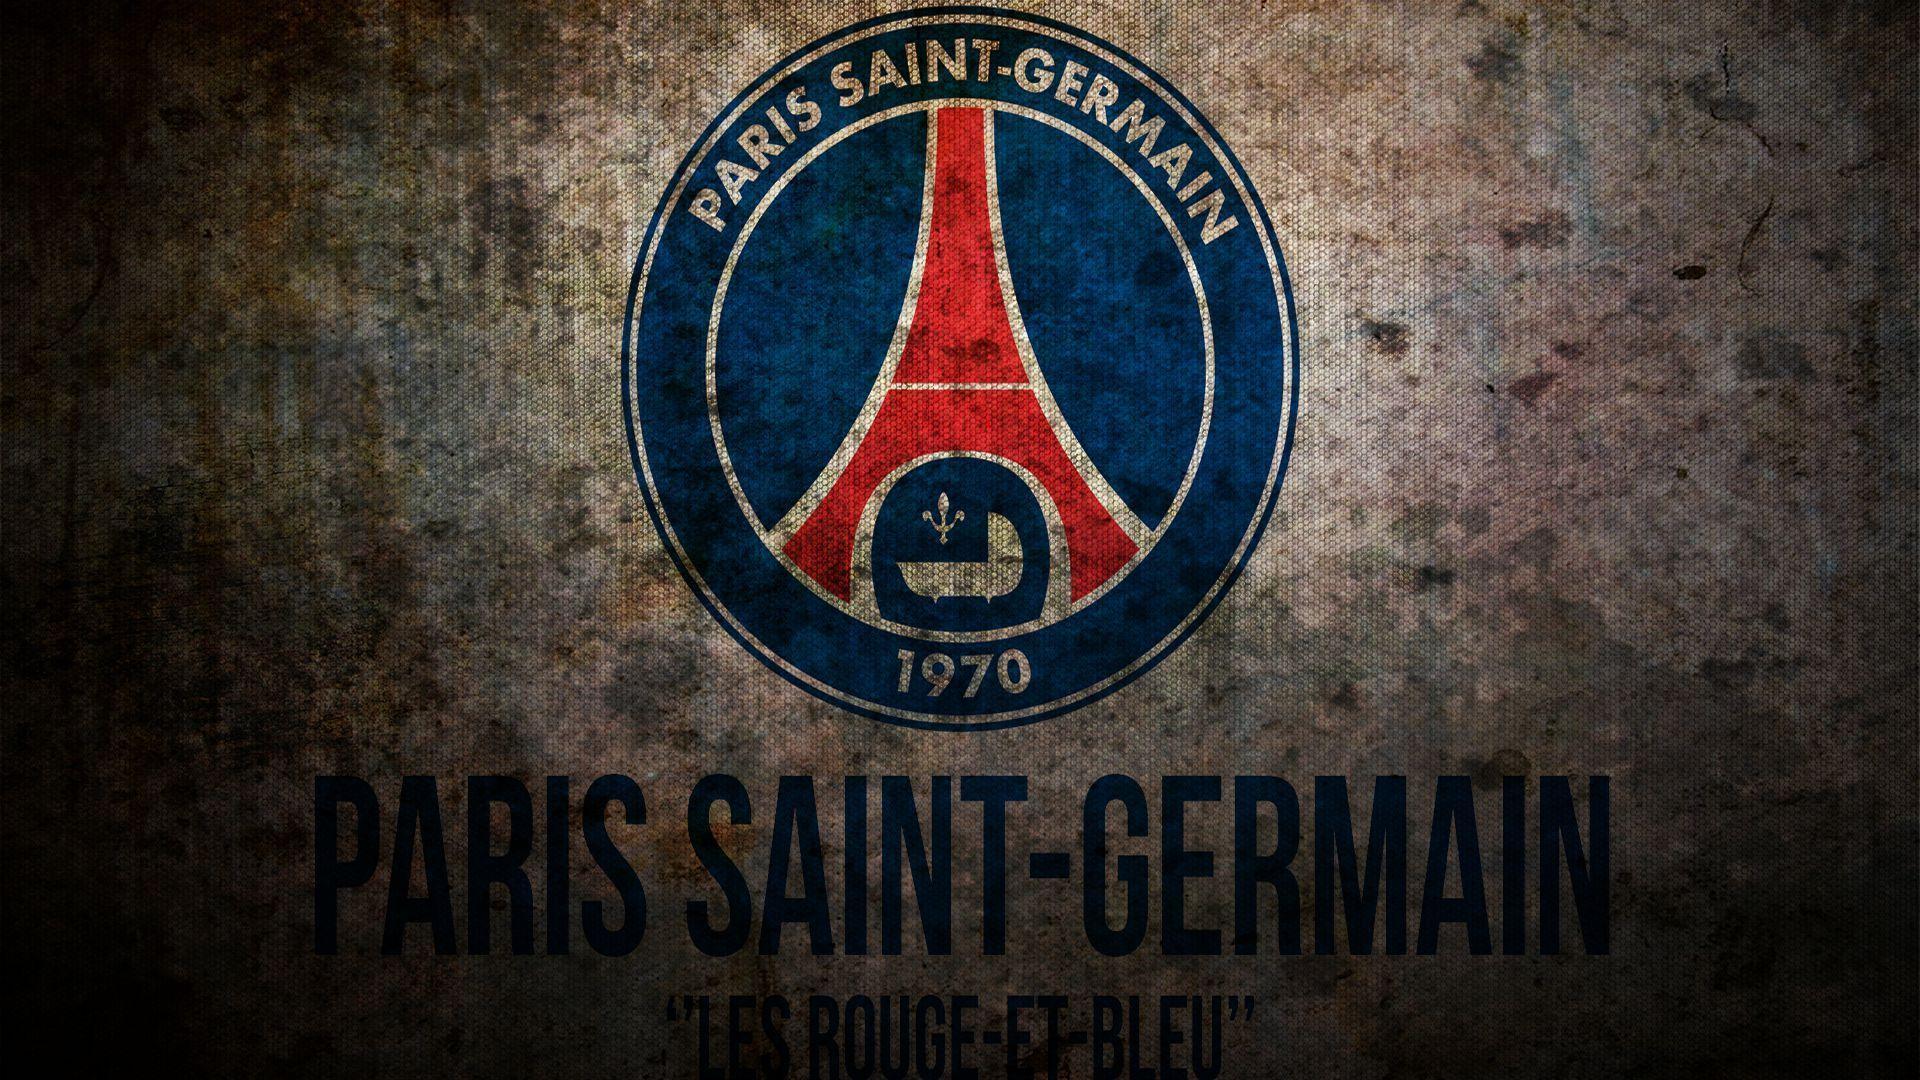 paris saint germain wallpapers